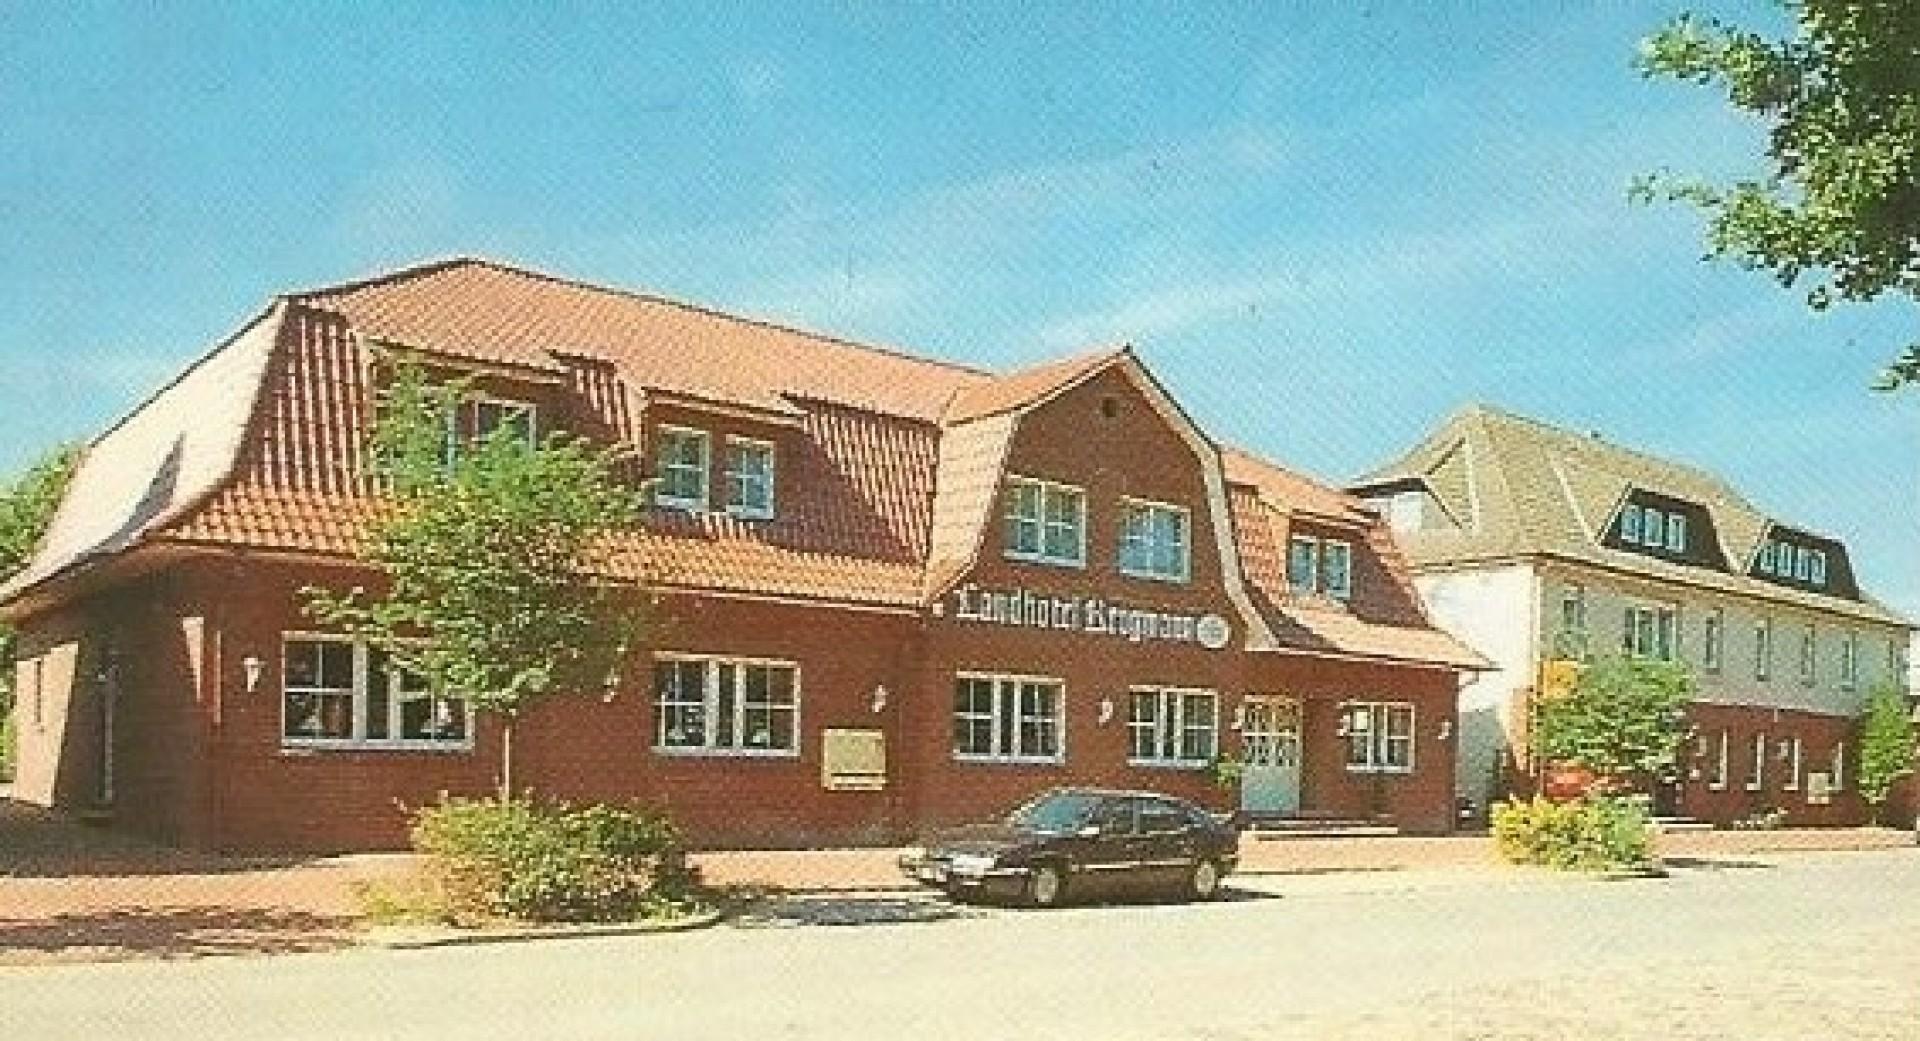 Landhotel Krogmann 49439 Mühlen